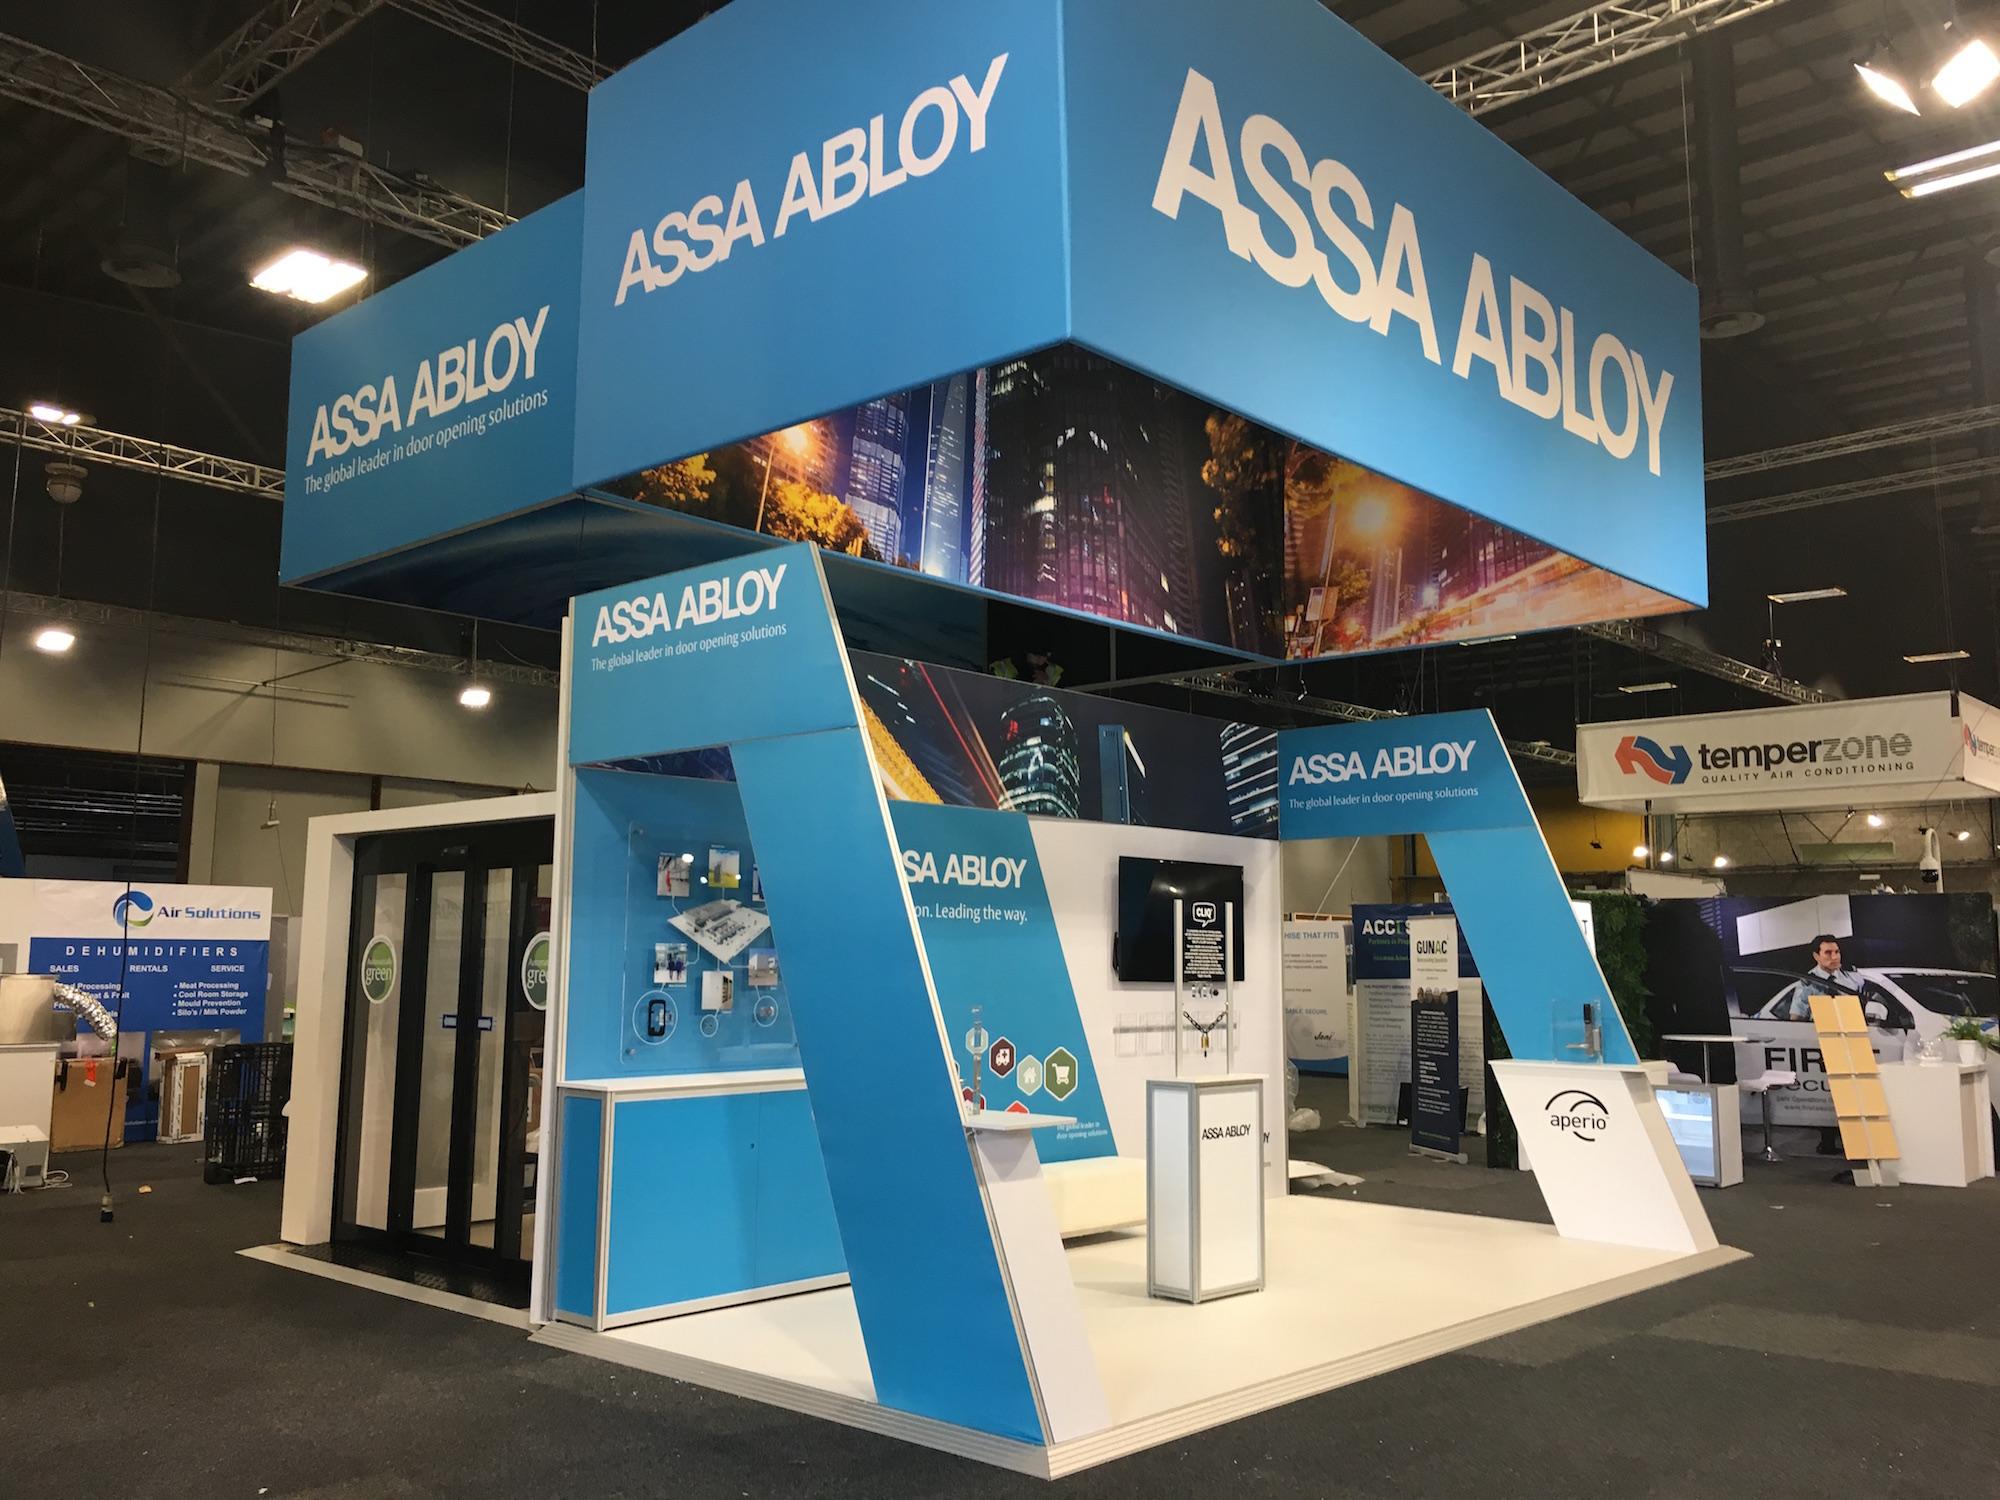 Assa Bloy Exhibition Stand 2019